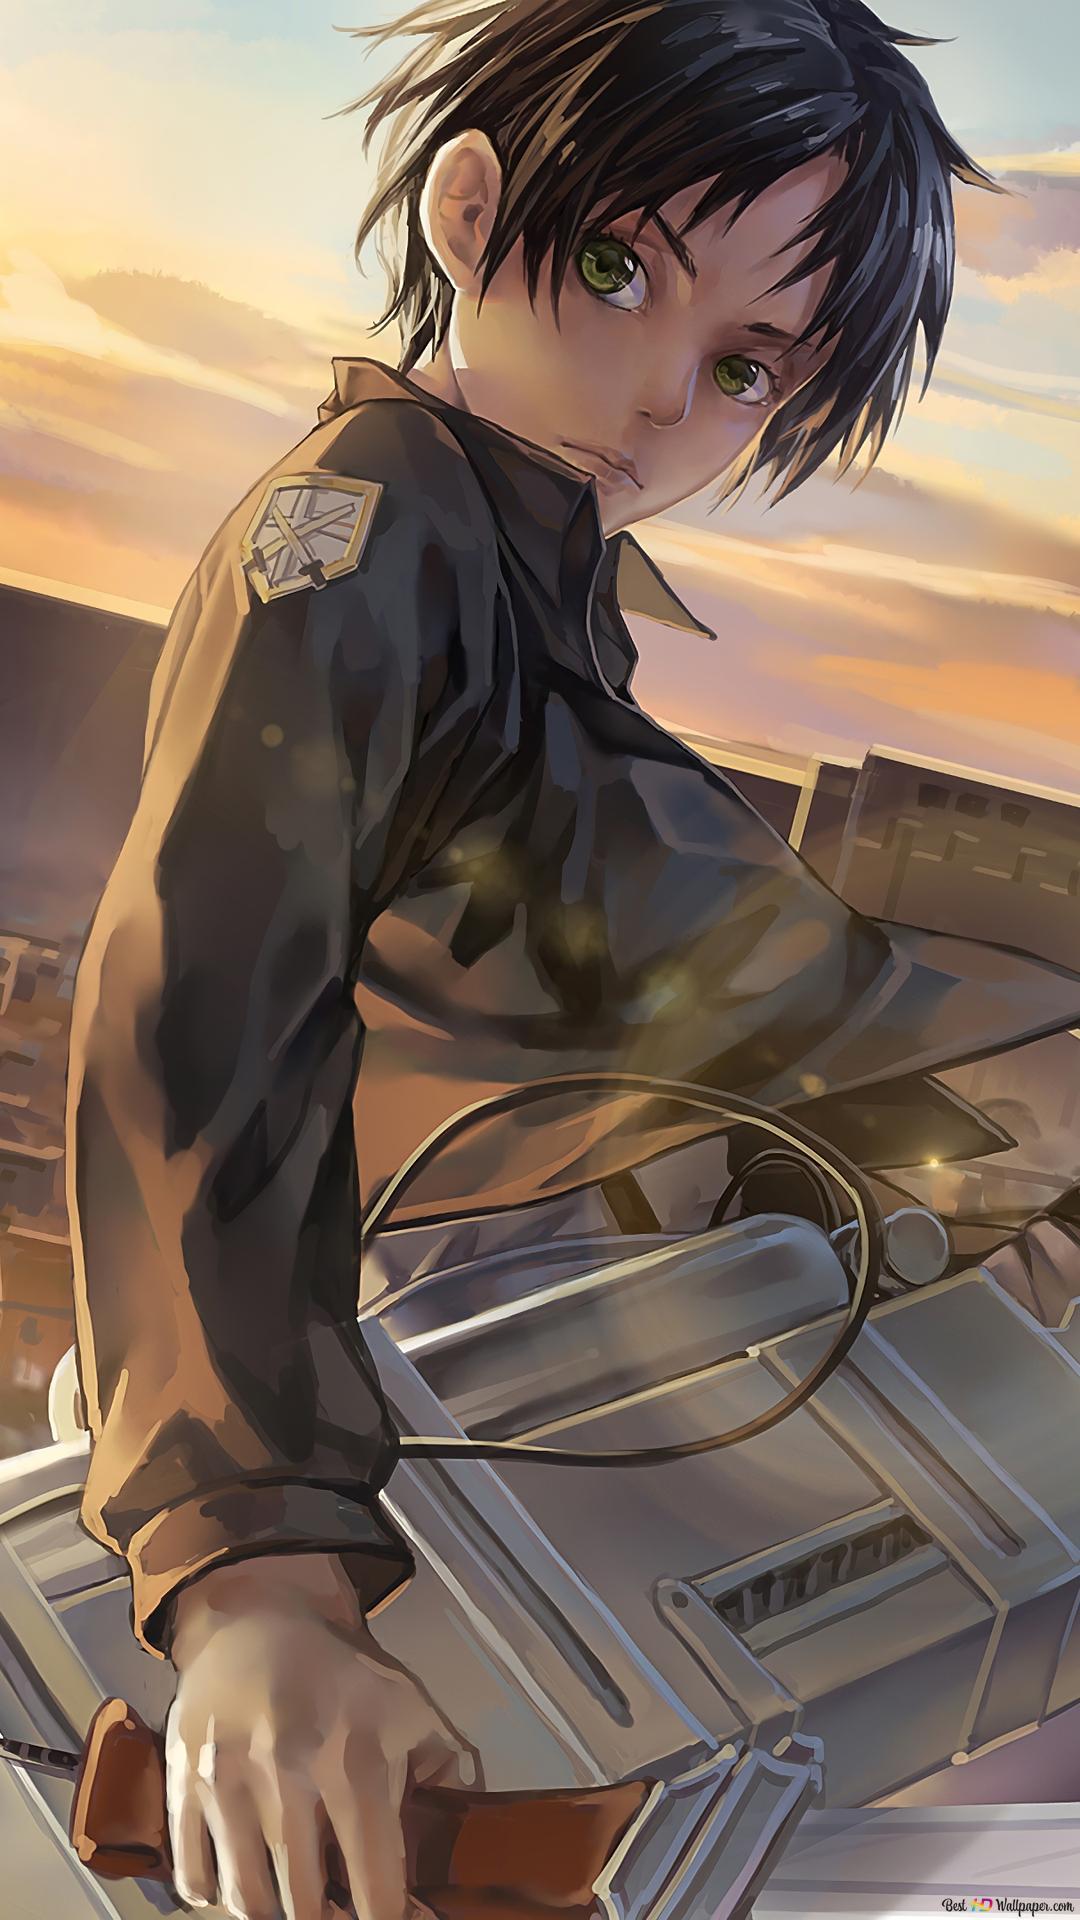 Serangan Pada Titan Eren Jaeger Unduhan Wallpaper Hd